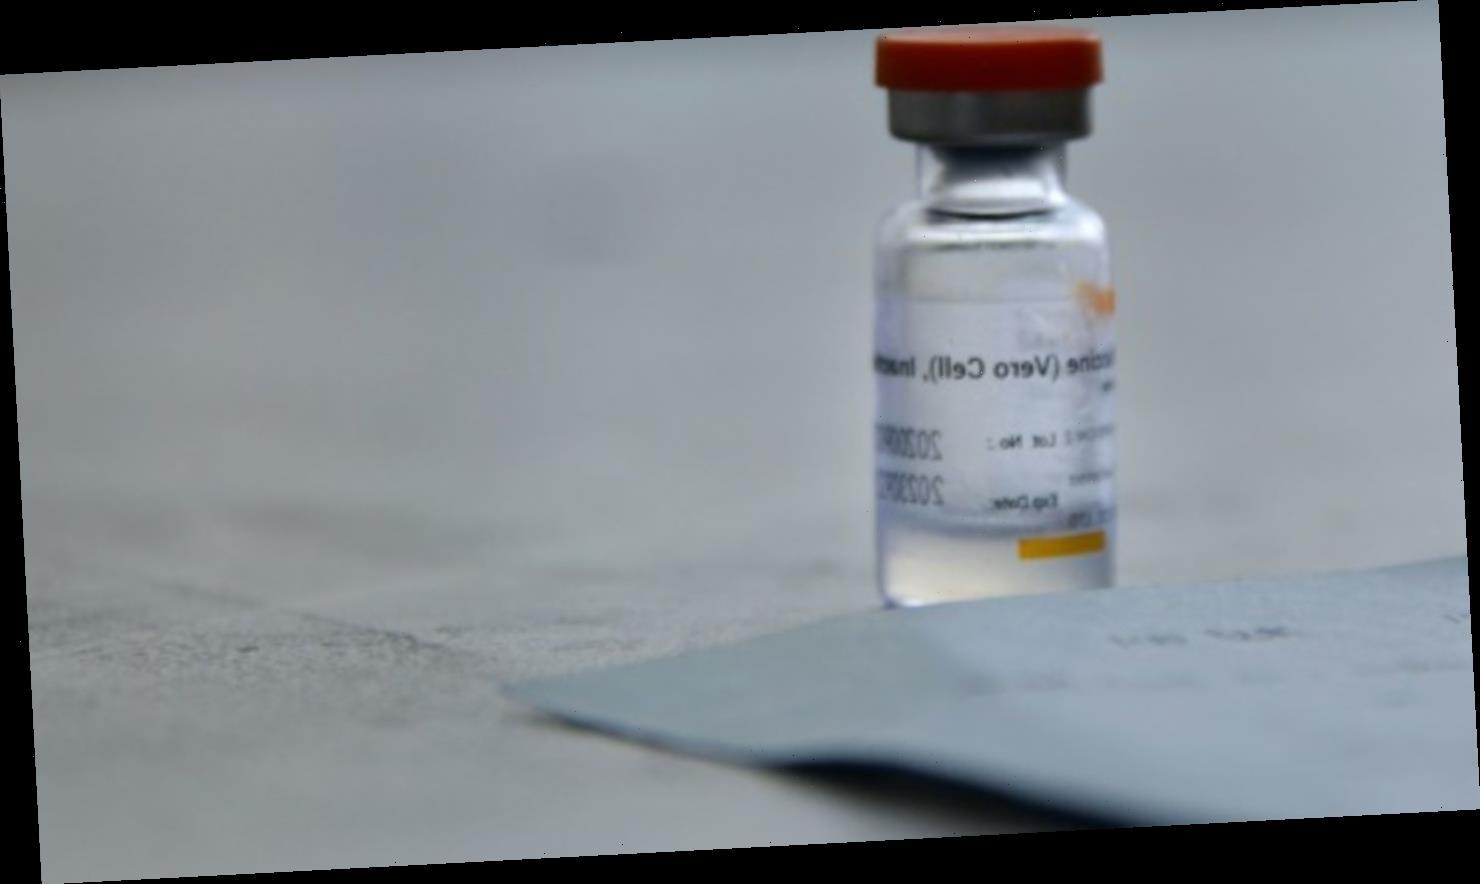 EU-Arzneimittelbehörde startet Prüfung des chinesischen Impfstoffs Sinovac